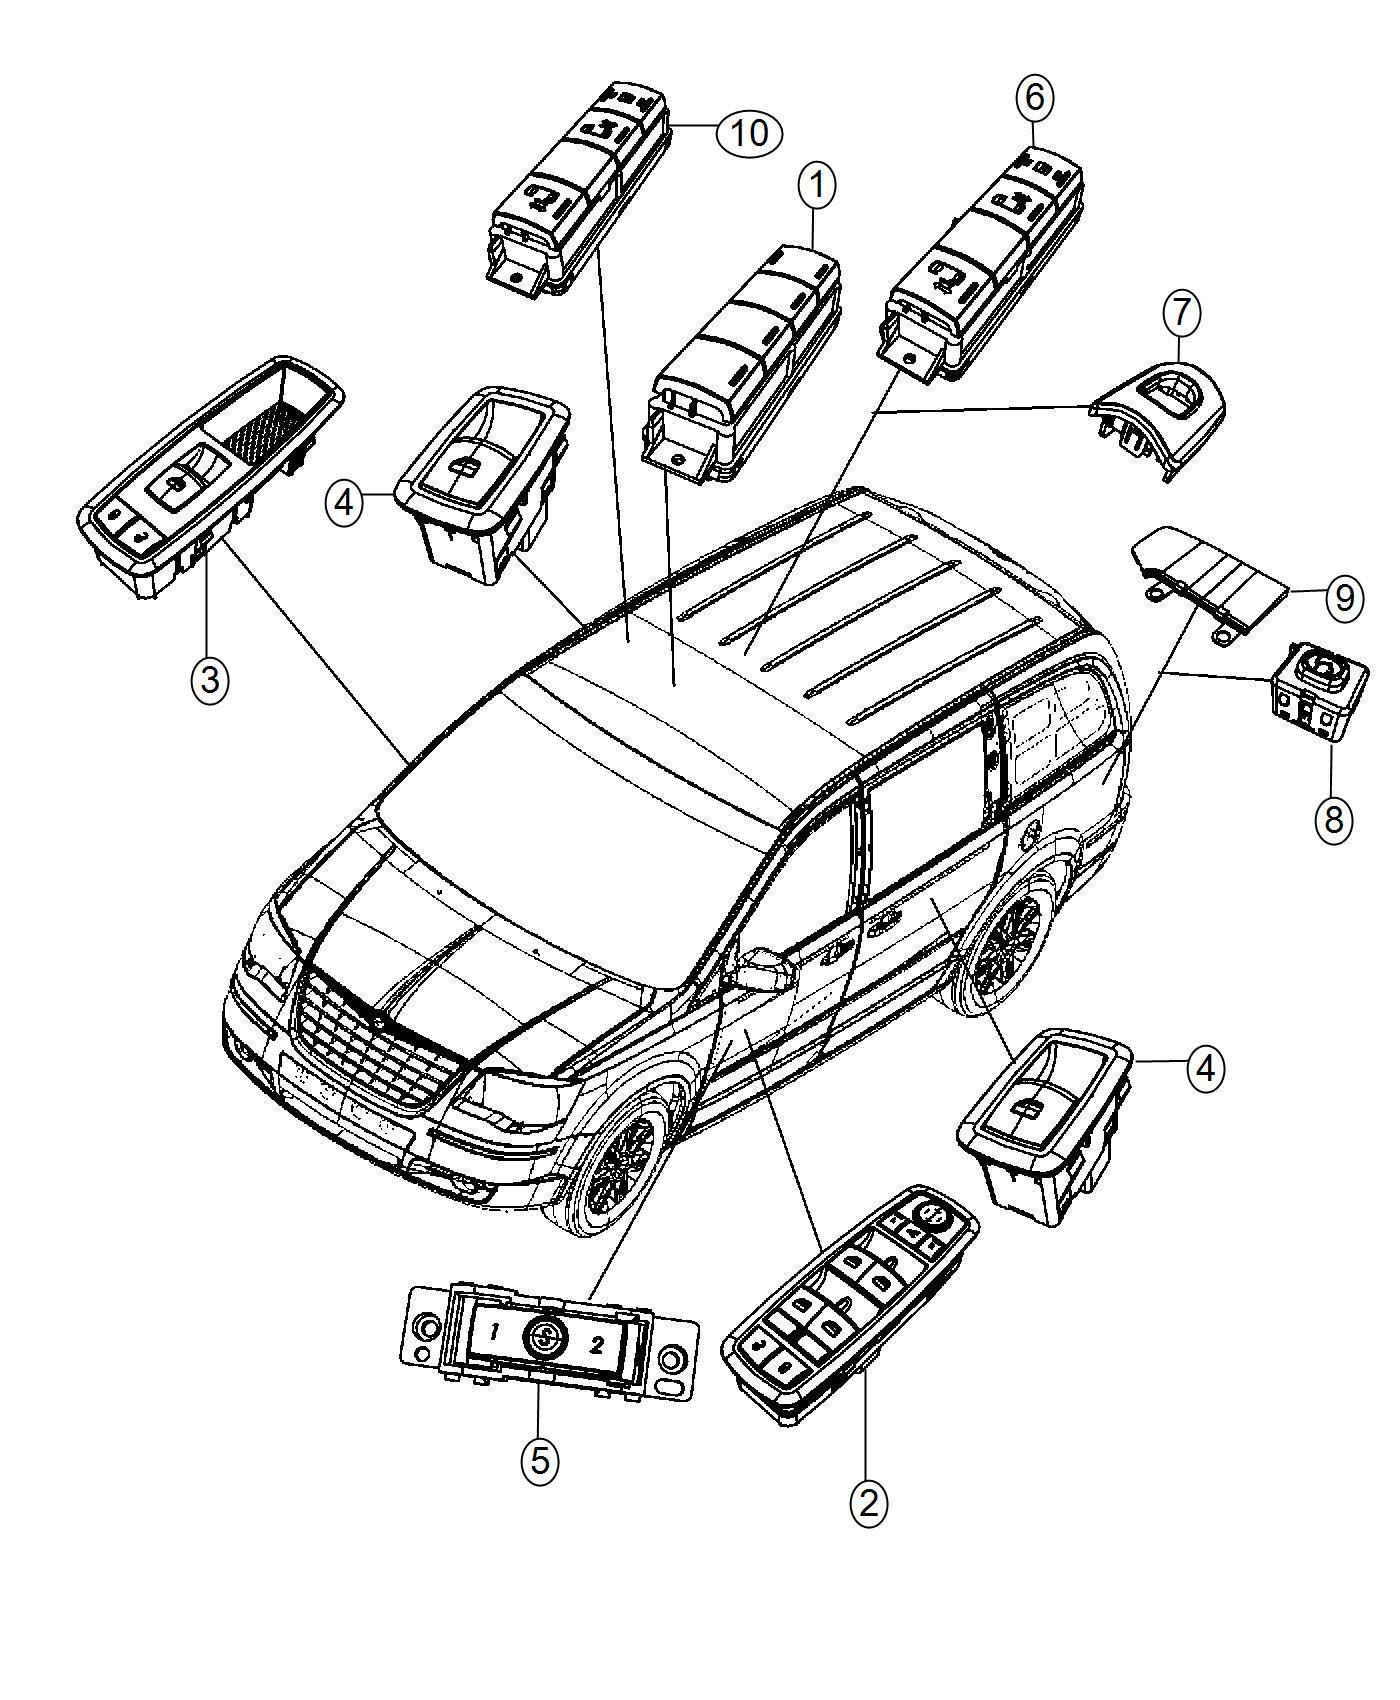 Dodge Grand Caravan Switch Power Window Jp5 Comes